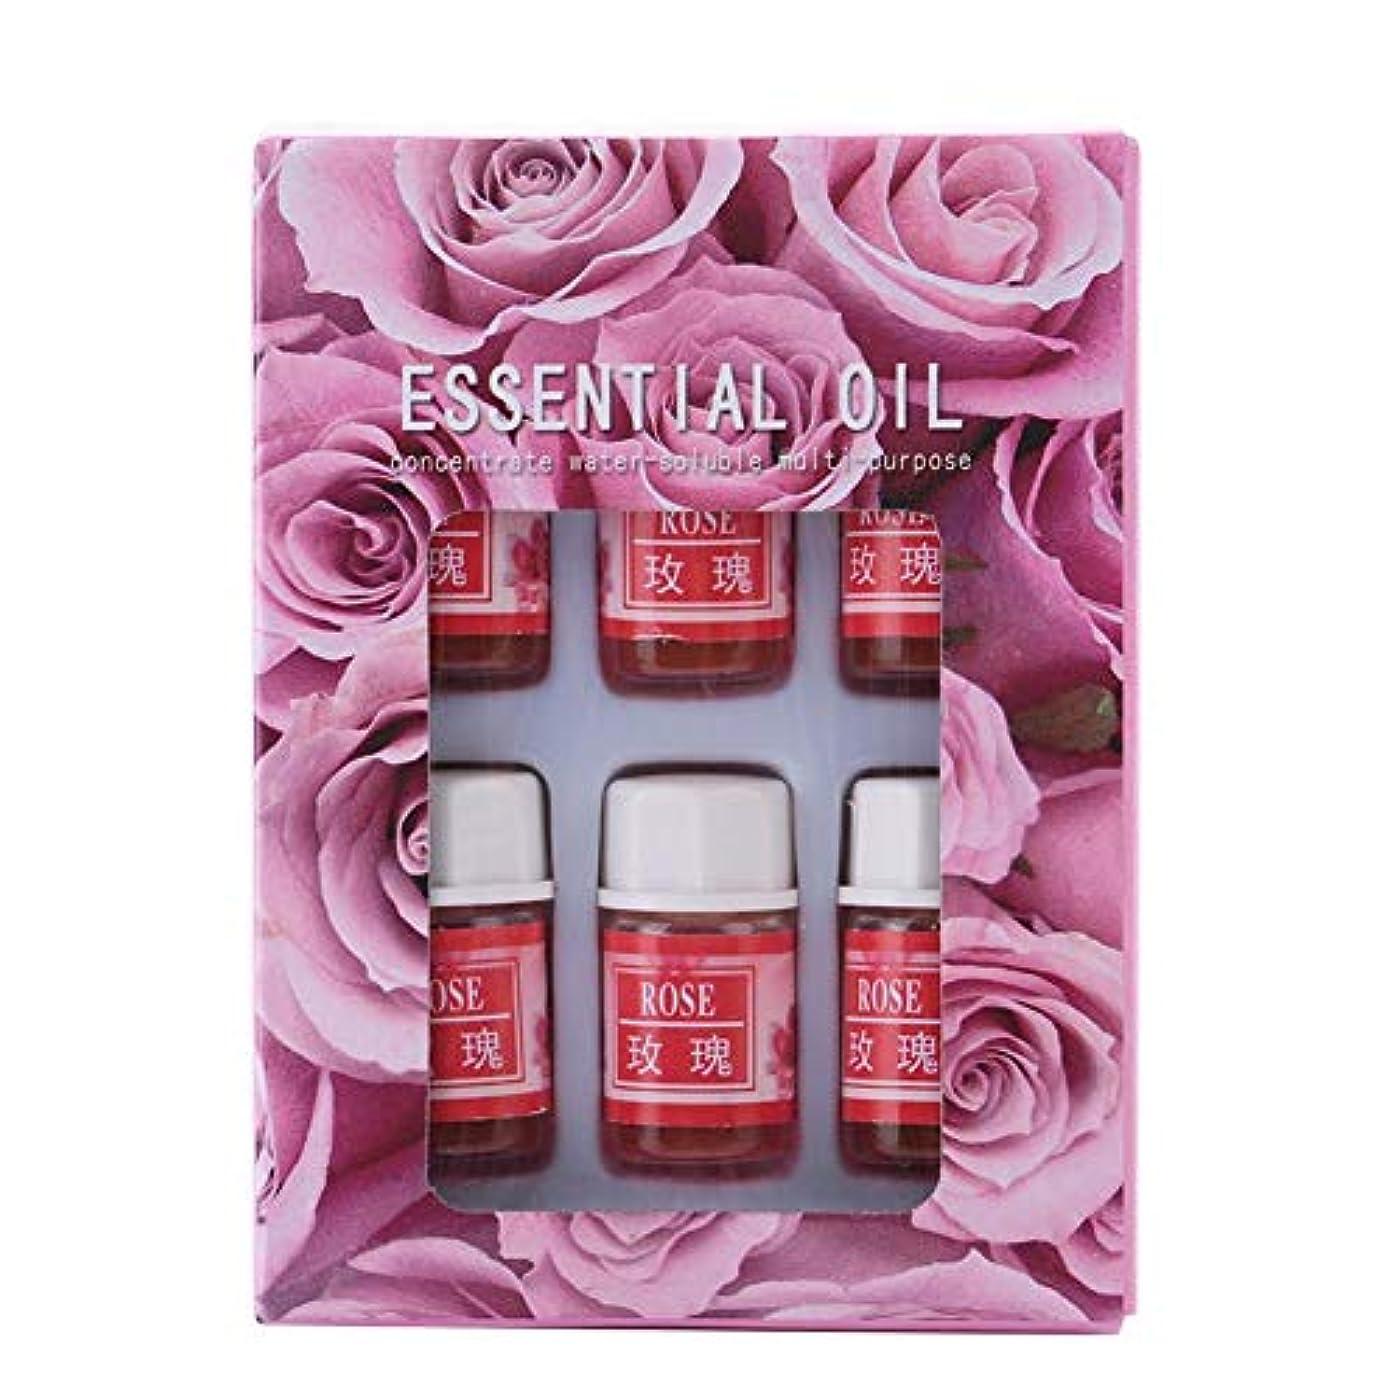 弁護人袋死にかけている6個 3ML 天然香料 アロマセラピー 加湿器用 水溶性 エッセンシャルオイル 睡眠を改善します 良い香り(02)